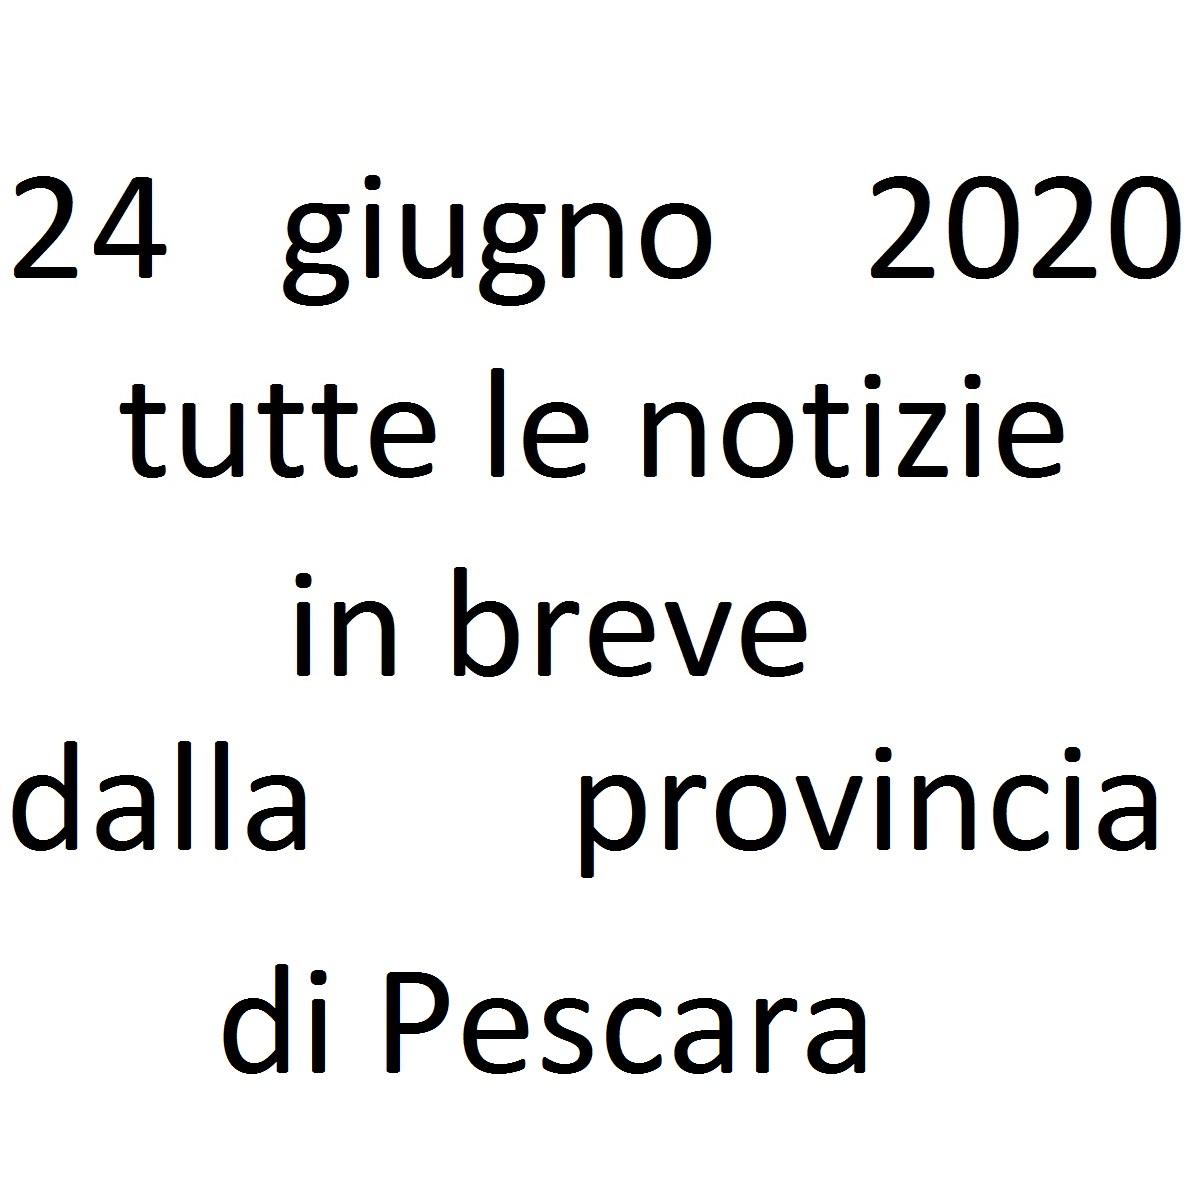 24 giugno 2020 notizie in breve dalla Provincia di Pescara foto